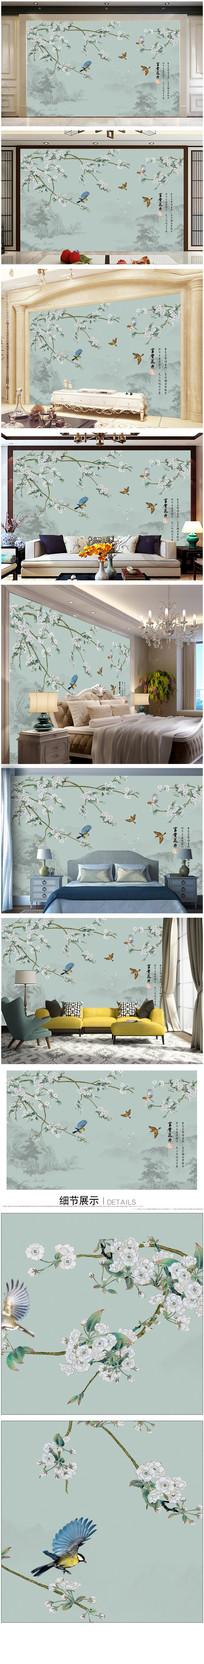 中式山水花卉背景墙